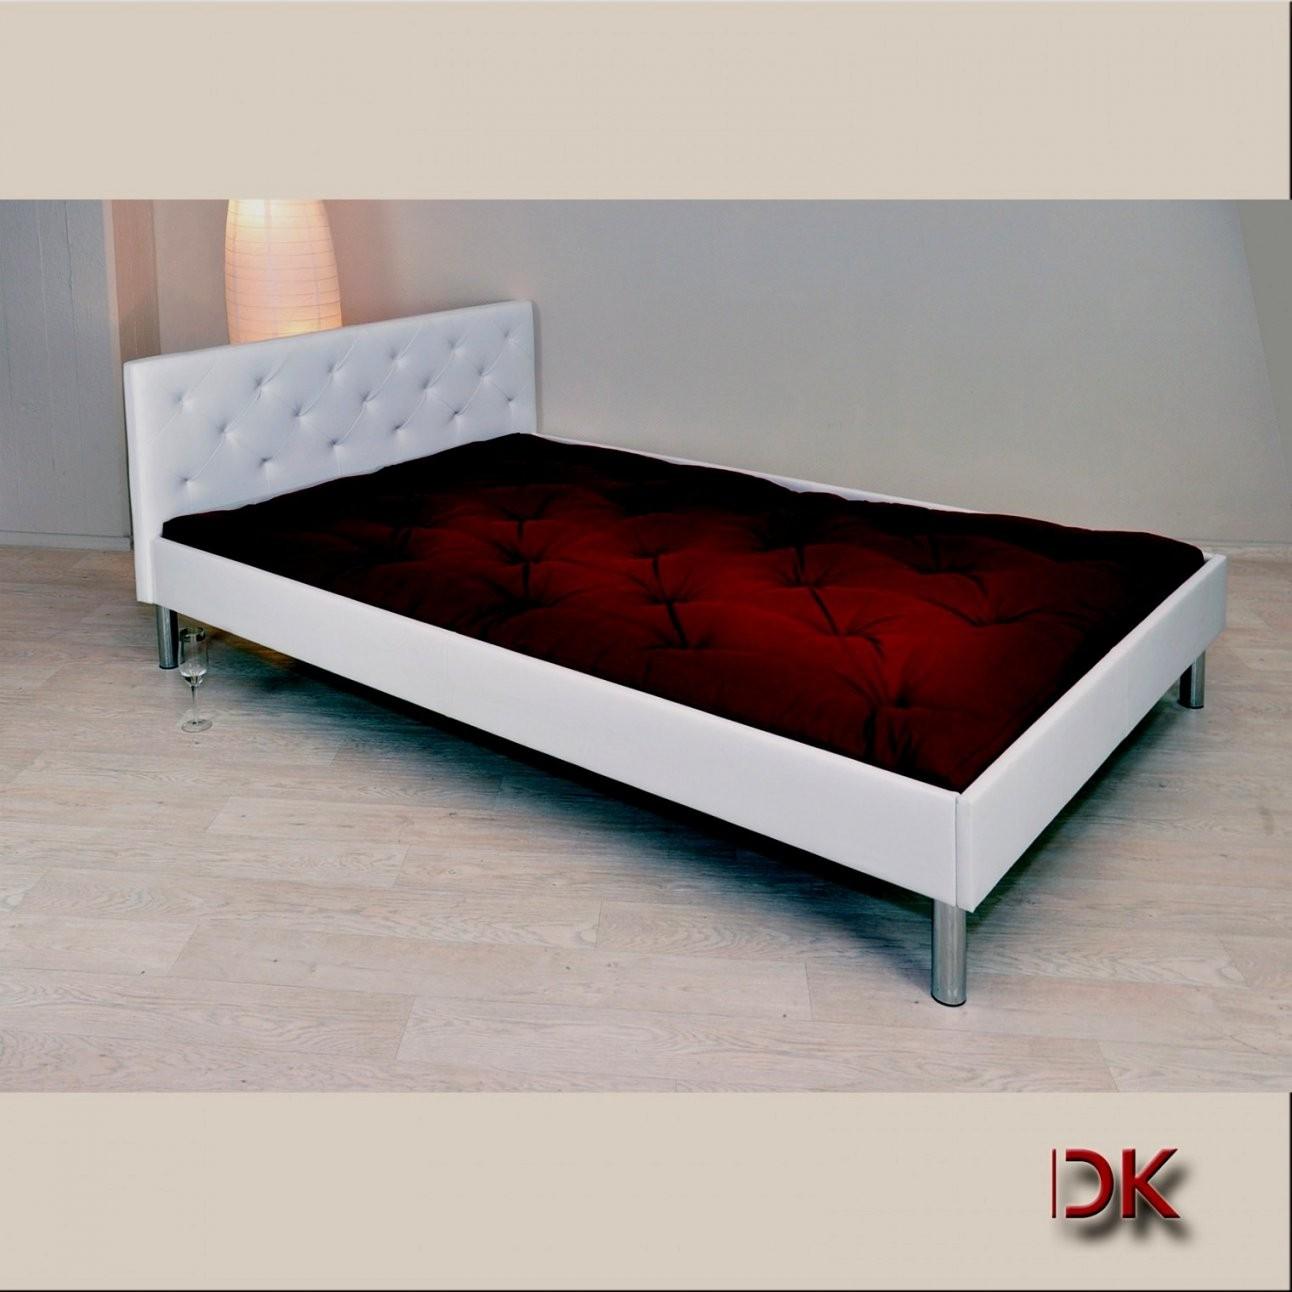 Wohnkultur Bett 120X200 Mit Bettkasten 11394 Haus Planen Galerie von Polsterbett Mit Bettkasten 120X200 Bild